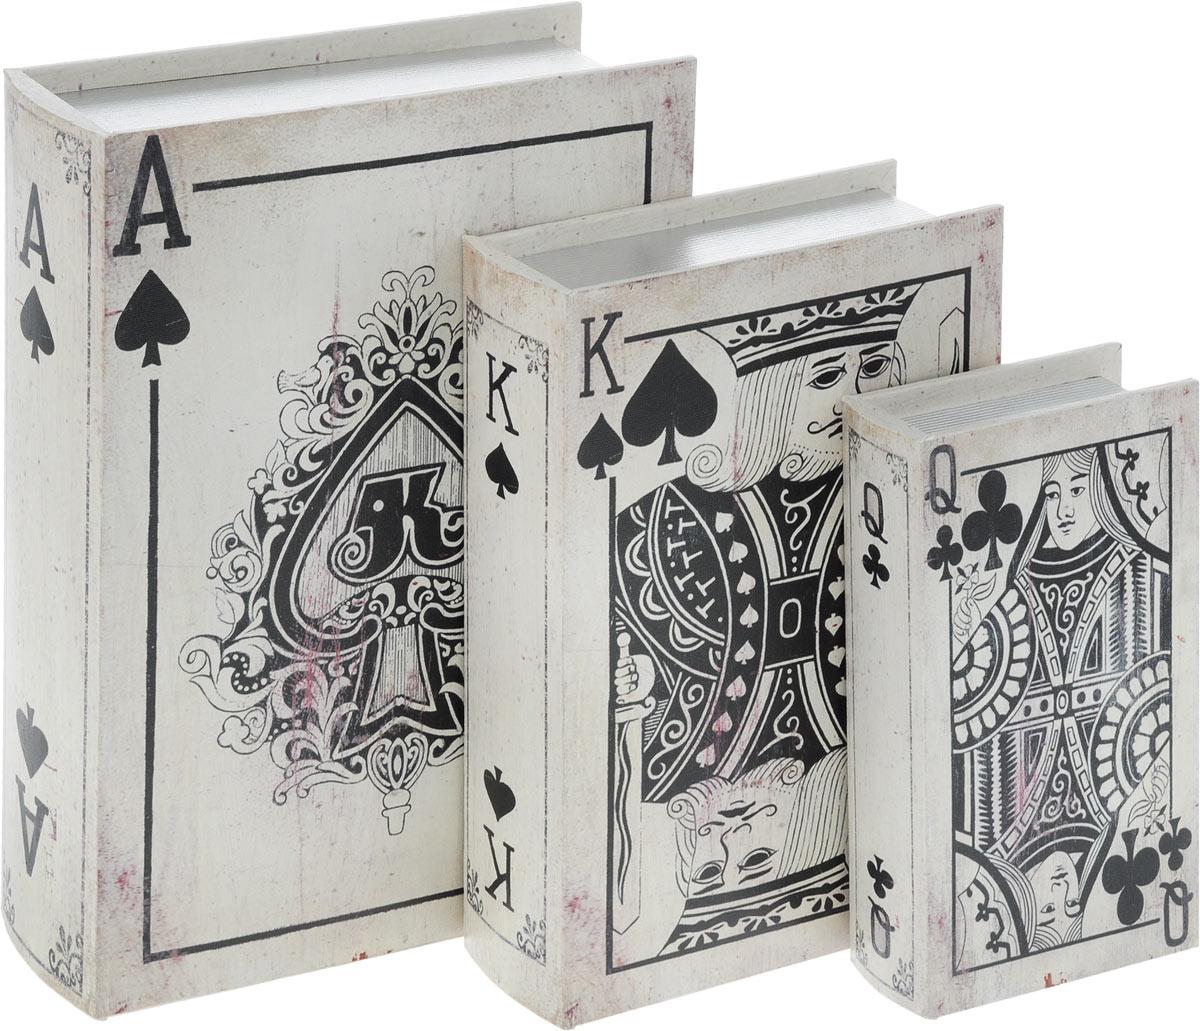 Набор шкатулок для рукоделия Bestex, 3 шт. ZW00125041619Набор Bestex состоит из трех шкатулок, стилизованных под книги. Шкатулки, изготовленные из МДФ, оформлены изображениями мастей карт. Внутри шкатулки обтянуты тканью. Закрываются шкатулки на магниты. Изящные шкатулки с ярким дизайном предназначены для хранения мелочей, принадлежностей для шитья и творчества и других аксессуаров. Такой набор красиво оформит интерьер комнаты и поможет хранить ваши вещи в порядке, а также станет отличным подарком. Размер маленькой шкатулки: 12,5 х 22,5 х 5 см.Размер средней шкатулки: 20 х 28,5 х 6,8 см.Размер большой шкатулки: 25,5 х 34 х 8,5 см.